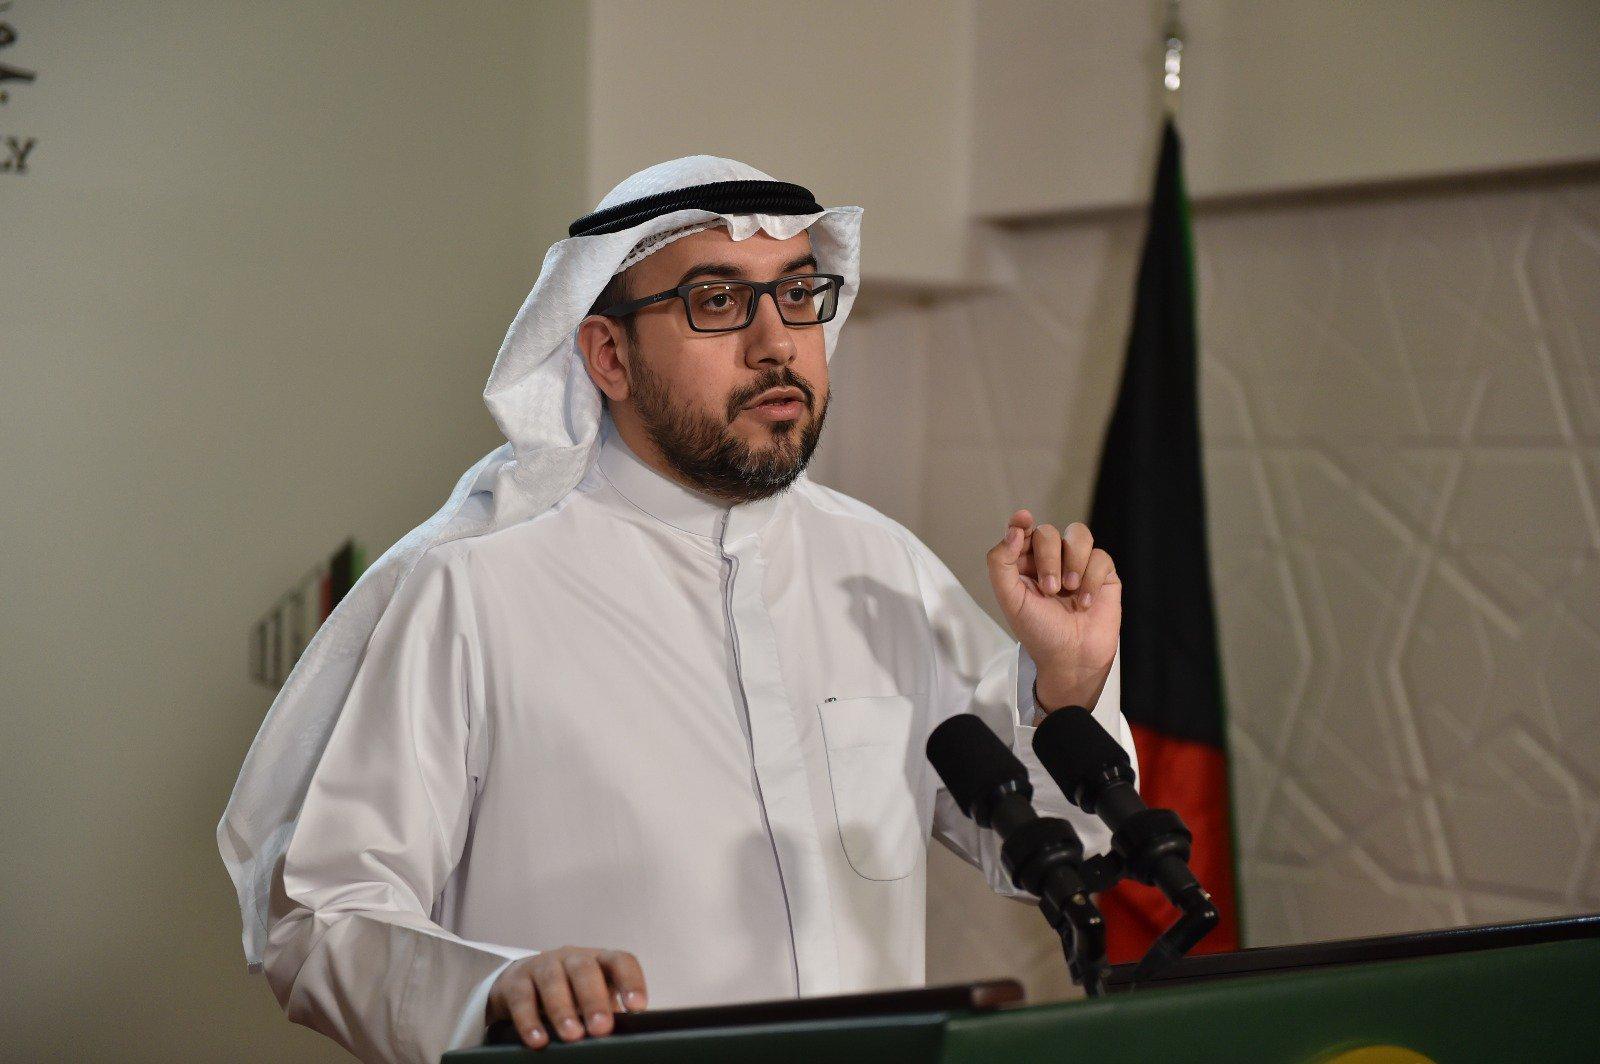 IMG ٢٠١٨٠٧٢٥ ٠٥٢٢٣٣ - الشاهين: إذا كانت الحكومة تنفق لإعمار سيناء فأين إعمار المدن الكويتية؟